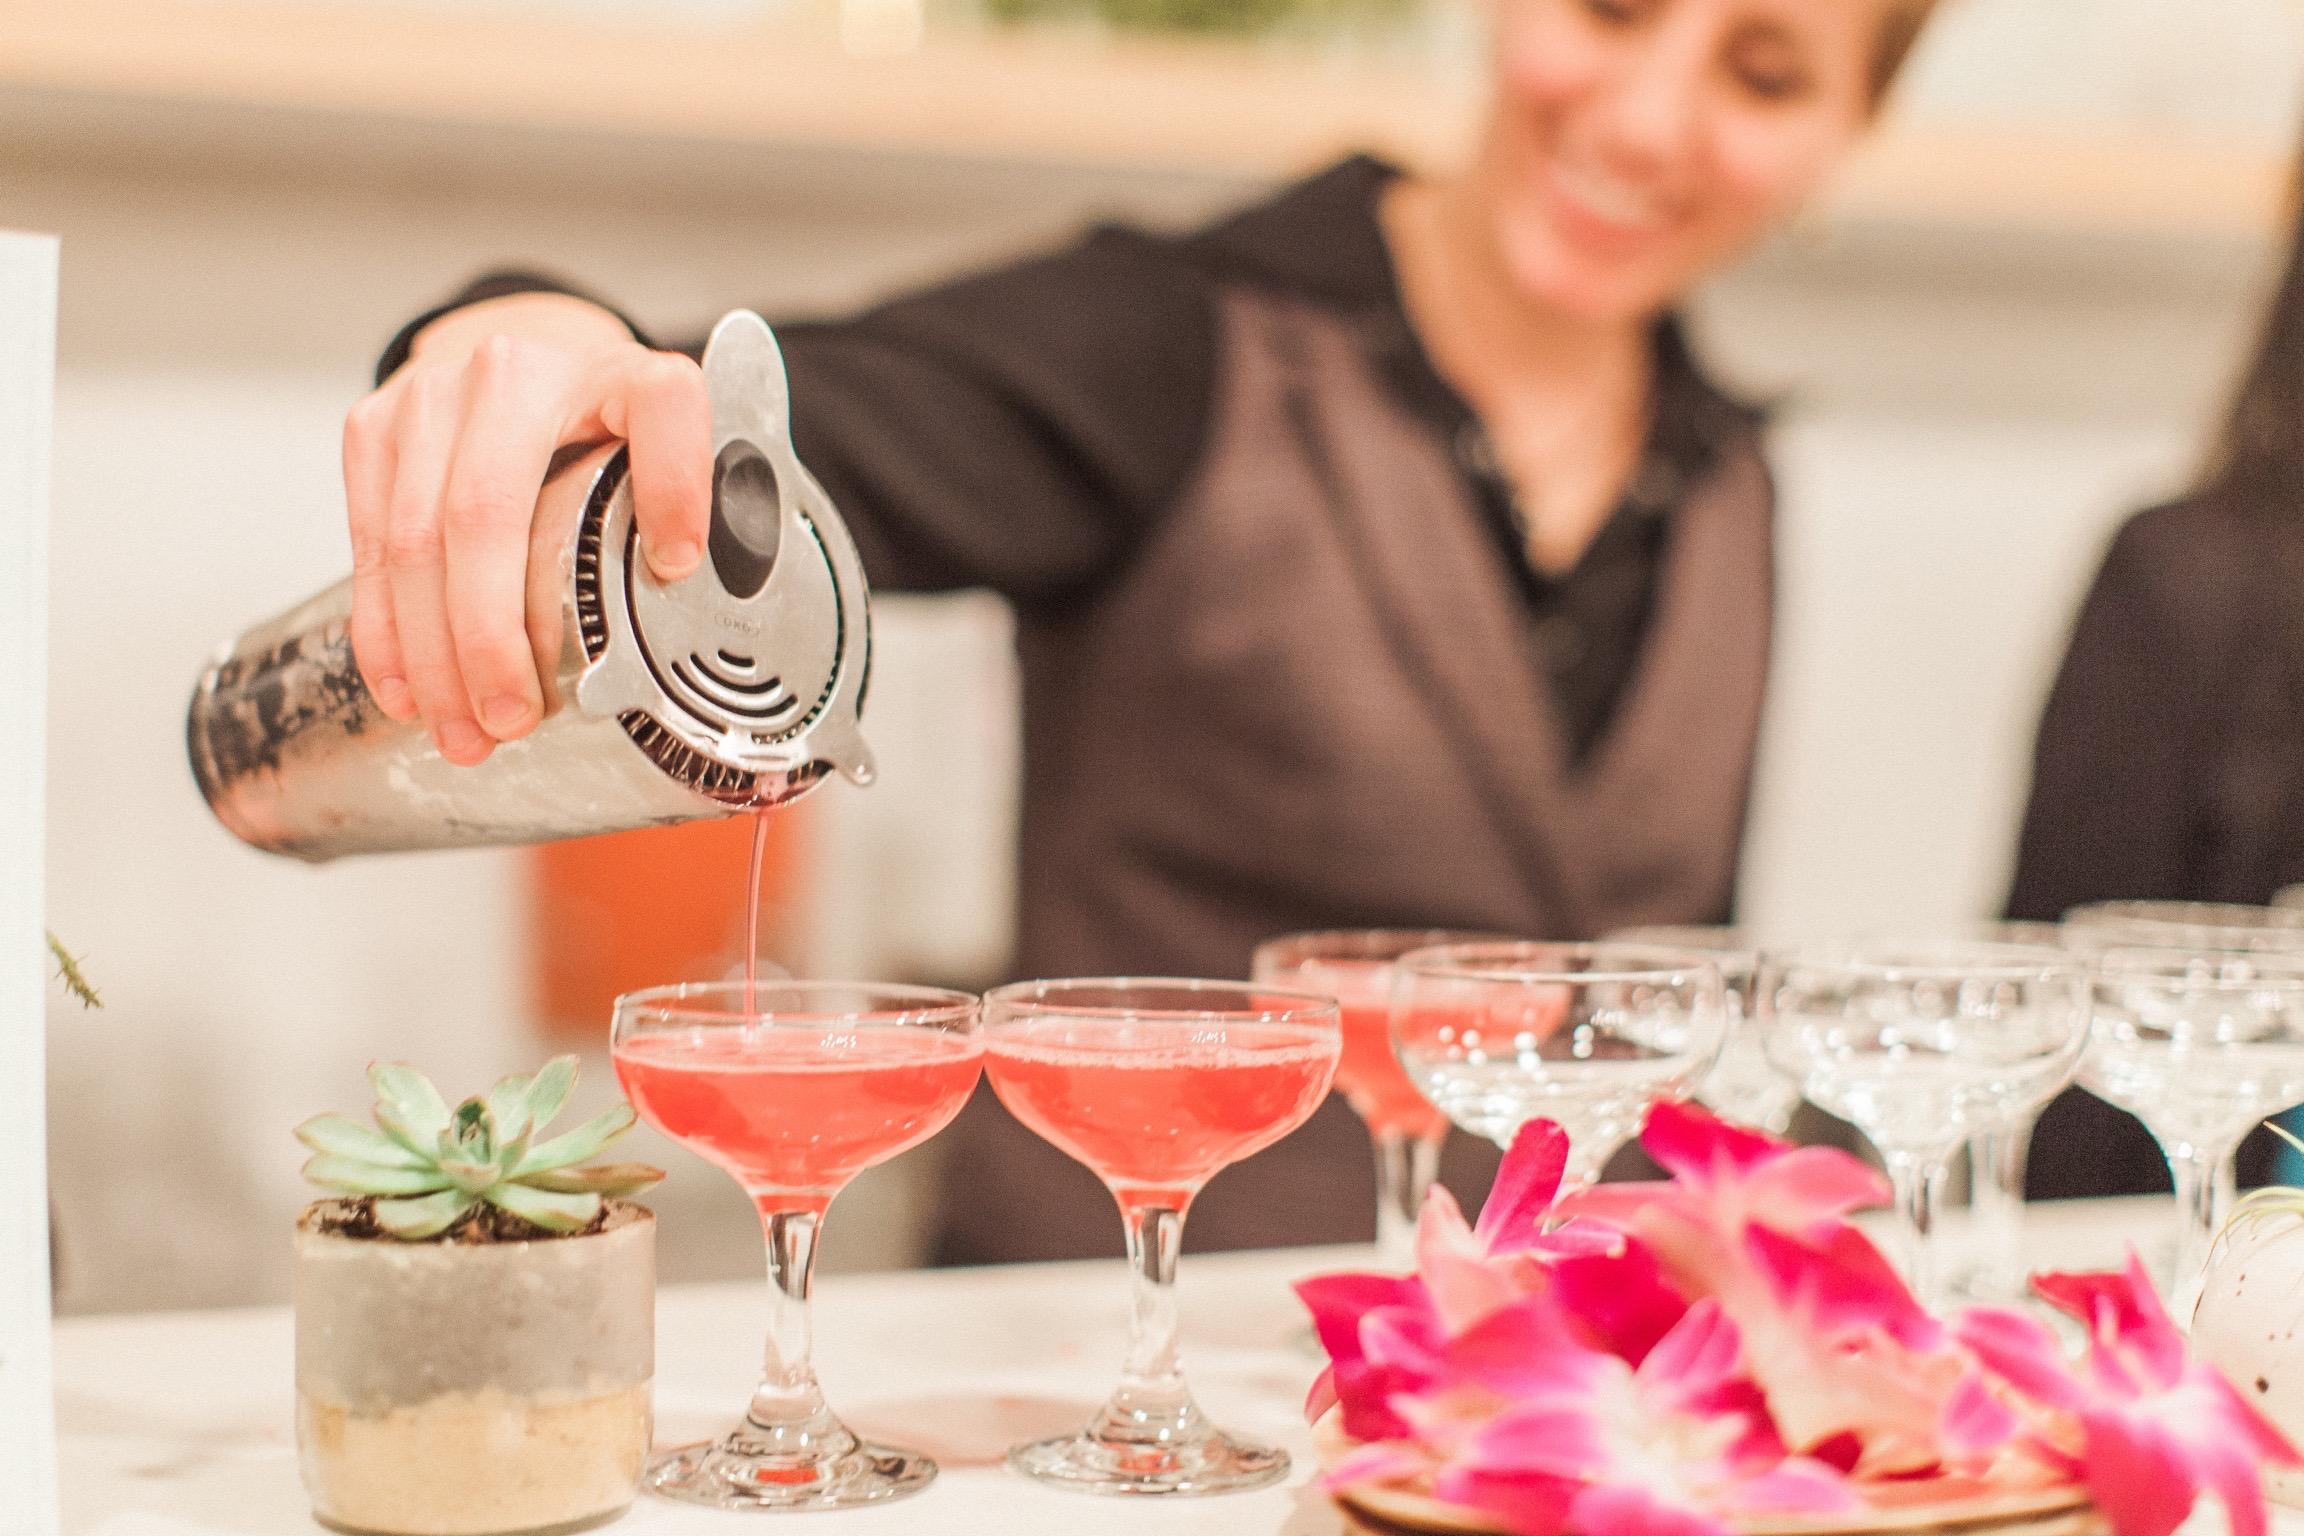 Drink Slingers Austin Event Bartenders Image 88